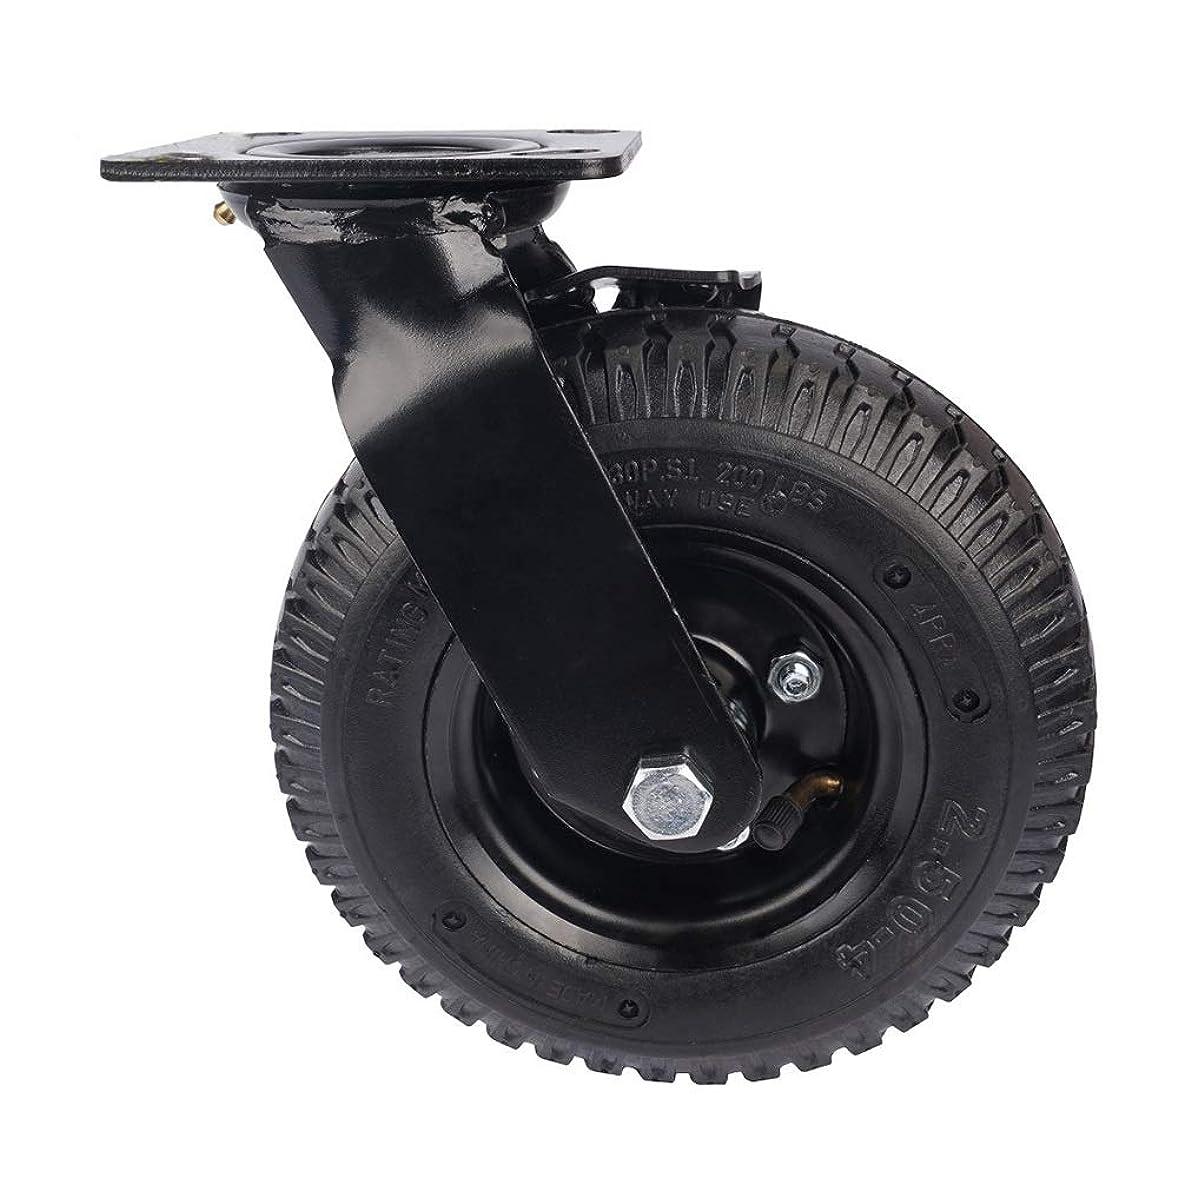 エスカレート太鼓腹軸4パックヘビーデューティ212ミリメートルゴム膨らませスイベル車輪ブレーキなし騒音産業トロリーホイール キャスター (Color : Black, Size : 8in)